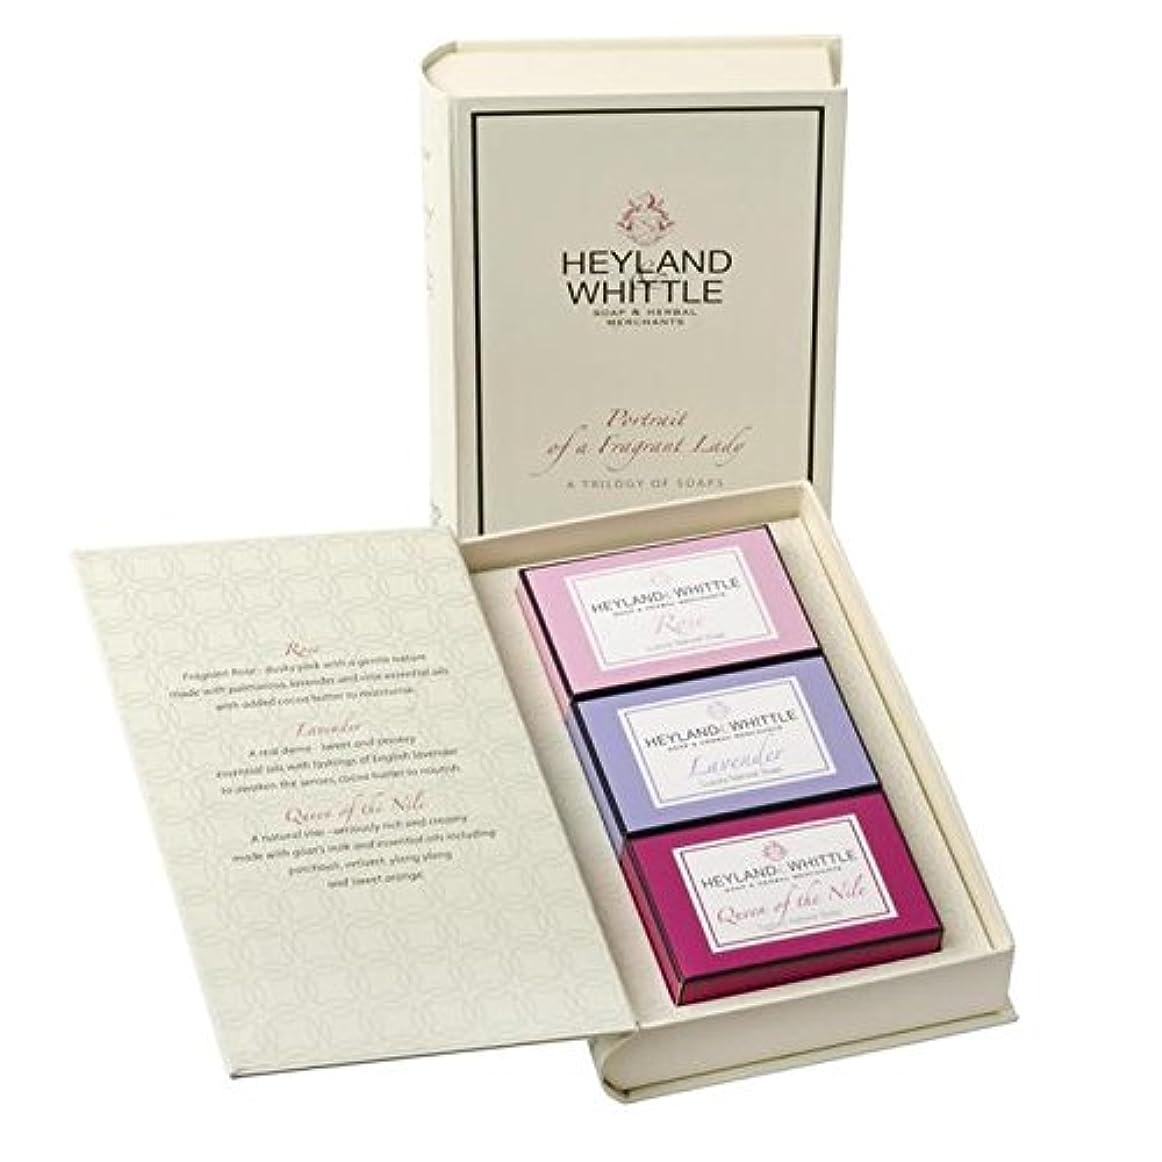 Heyland & Whittle Soap Book, Portrait of a Fragrant Lady - &削る石鹸帳、香りの女性の肖像画 [並行輸入品]